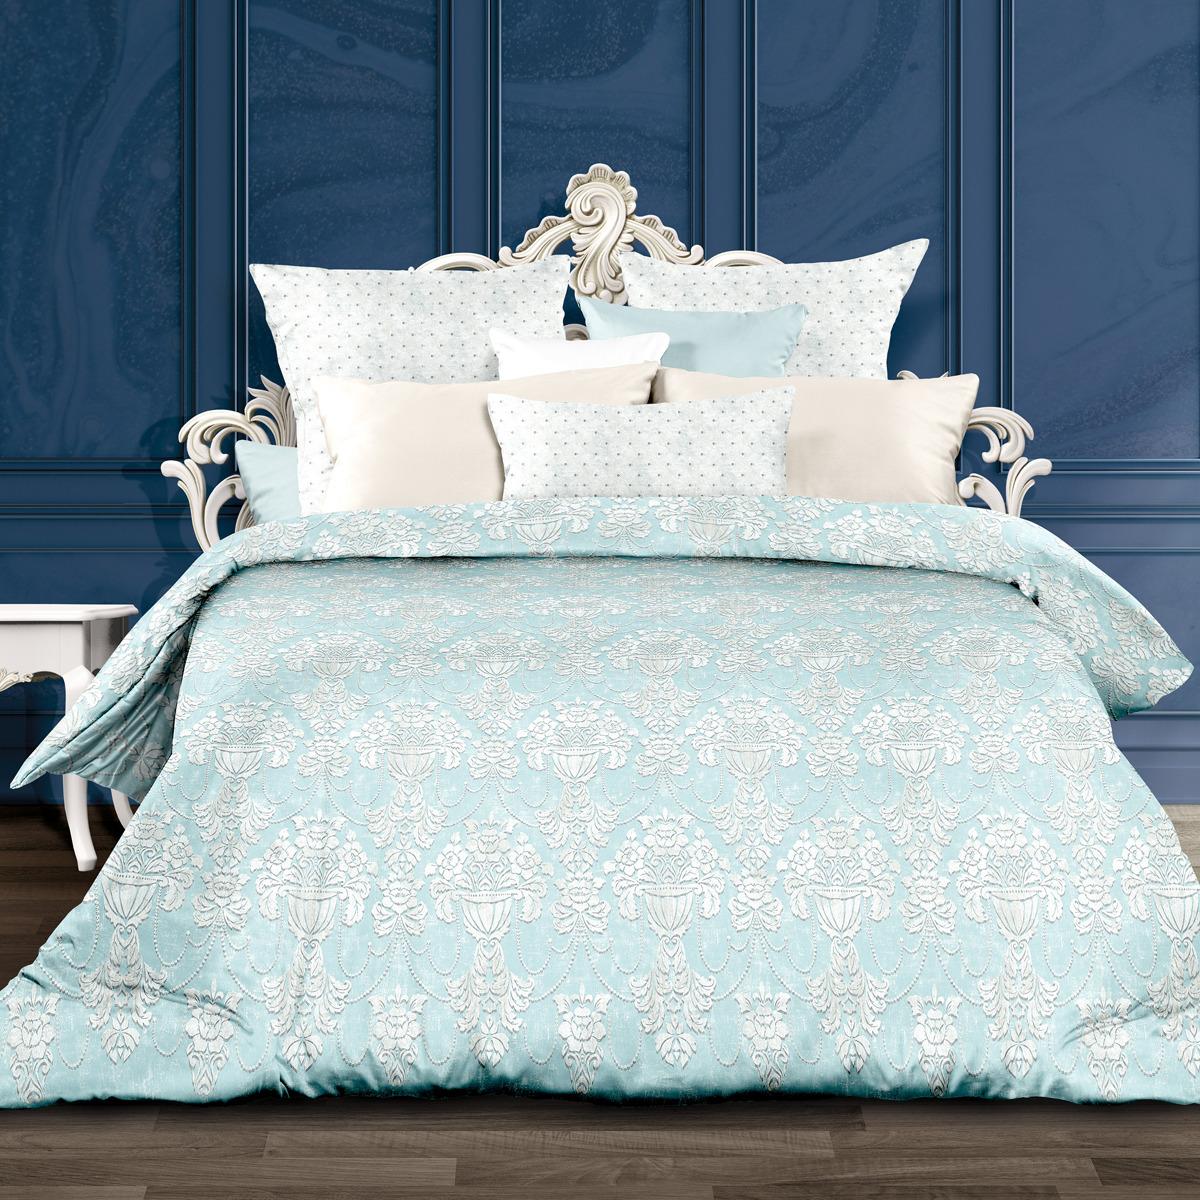 Комплект постельного белья Унисон Россини, 556880, 1,5-спальный, наволочки 70x70 комплект постельного белья унисон криолло